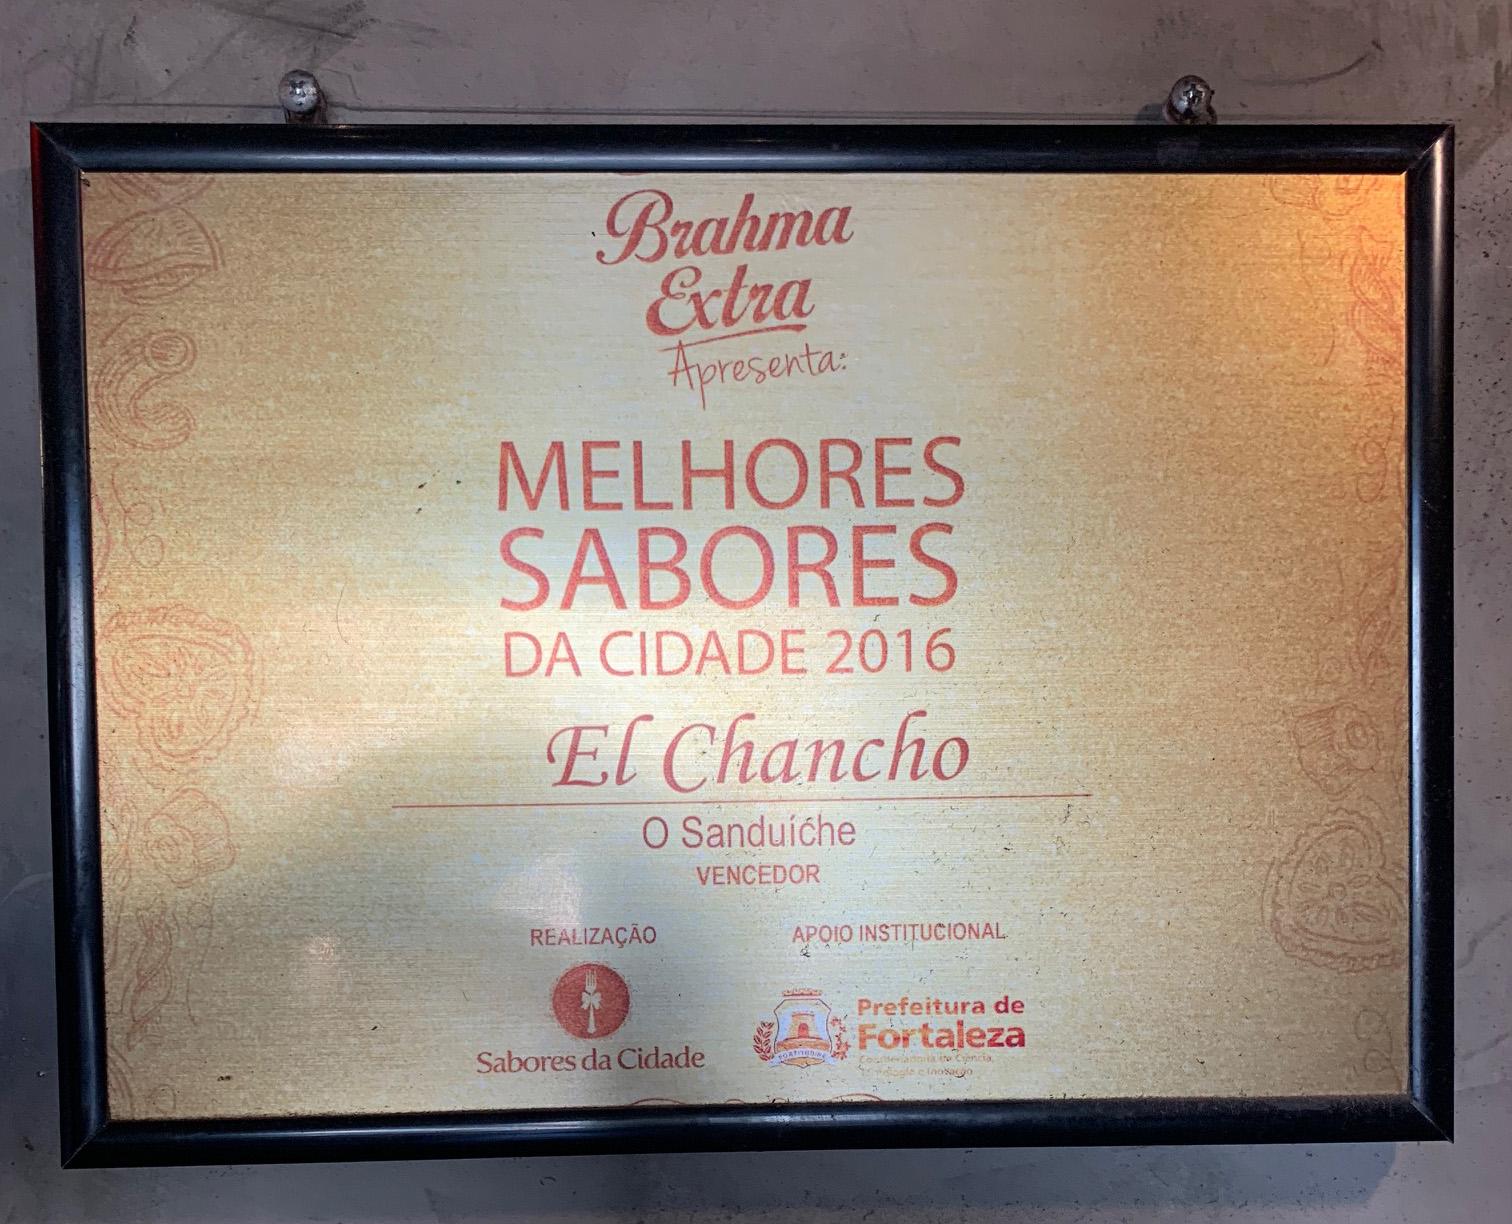 Premiado pelo Sabores da Cidade em 2018! 01 Kentucky, Smash Pork ou Burger de Falafel de até R$24,00 por apenas R$15,90 no El Chancho, o melhor hambúrguer de Fortaleza!